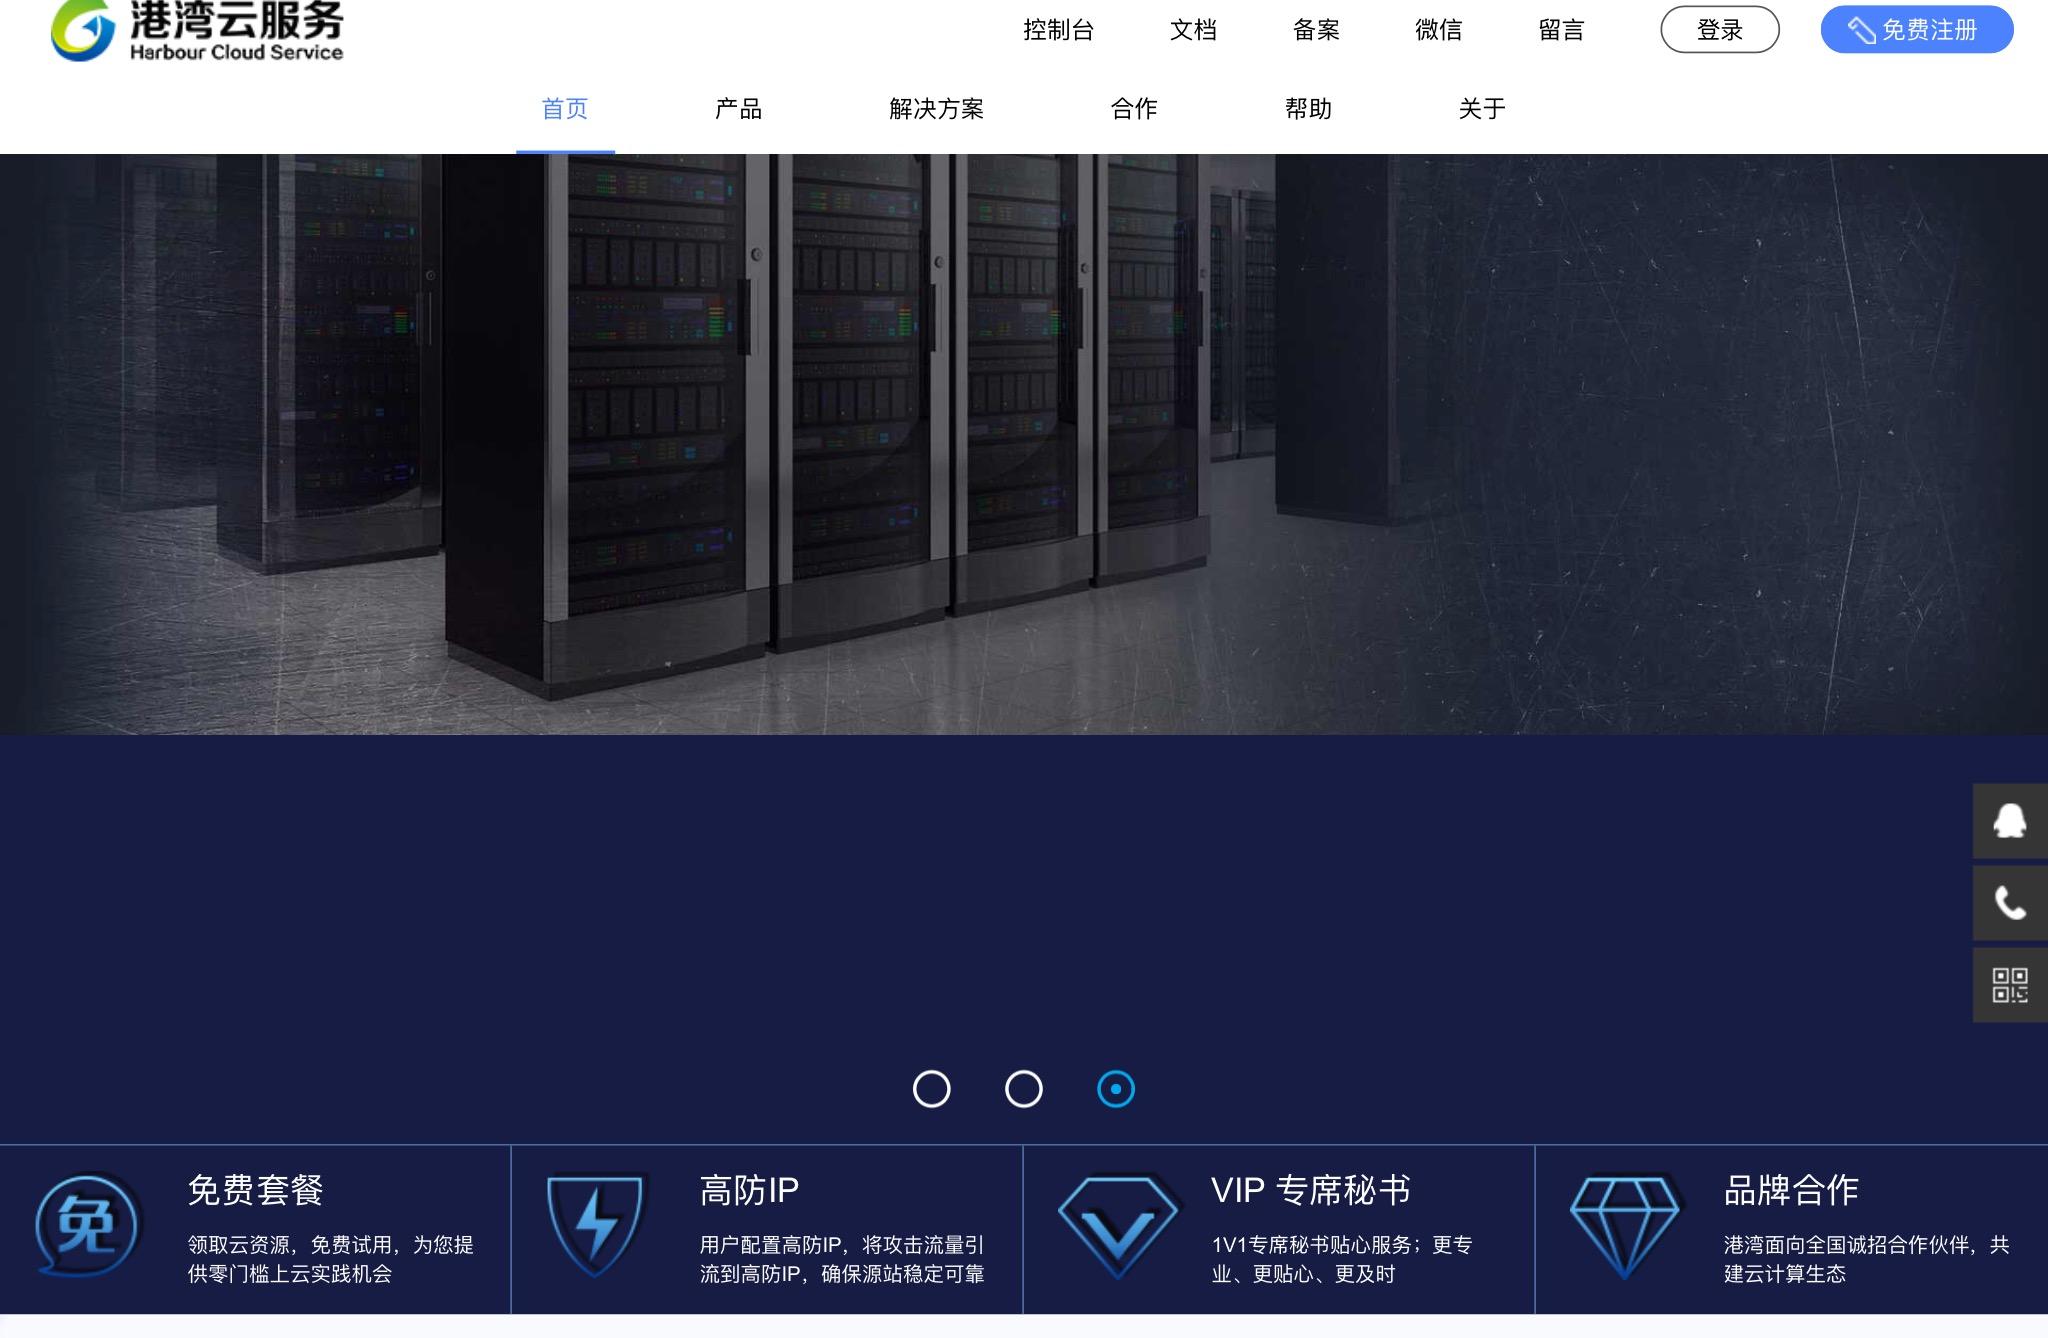 高仿 宿迁香港100G高防VPS 4核4GVPS 40元/月